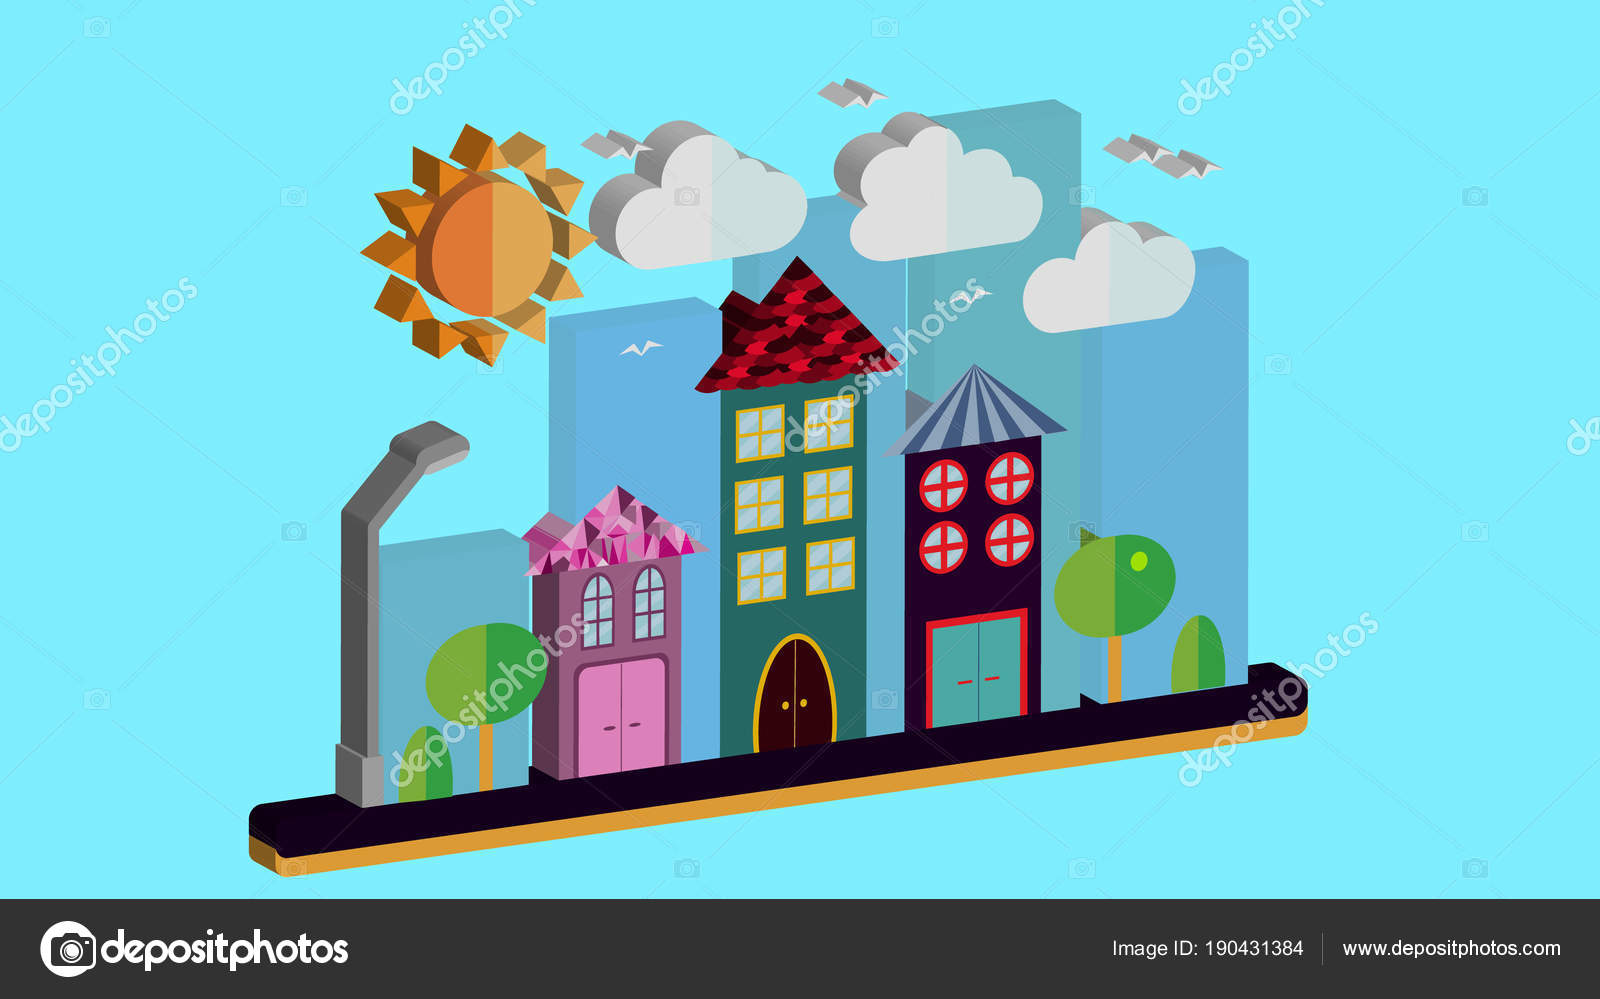 Die Stadt Mit Häusern Mit Dachschräge Und Verschiedene Schöne Fliesen Mit  Einer Laterne Sonne Wolken Und Bäume Auf Einem Blauen Hintergrund.